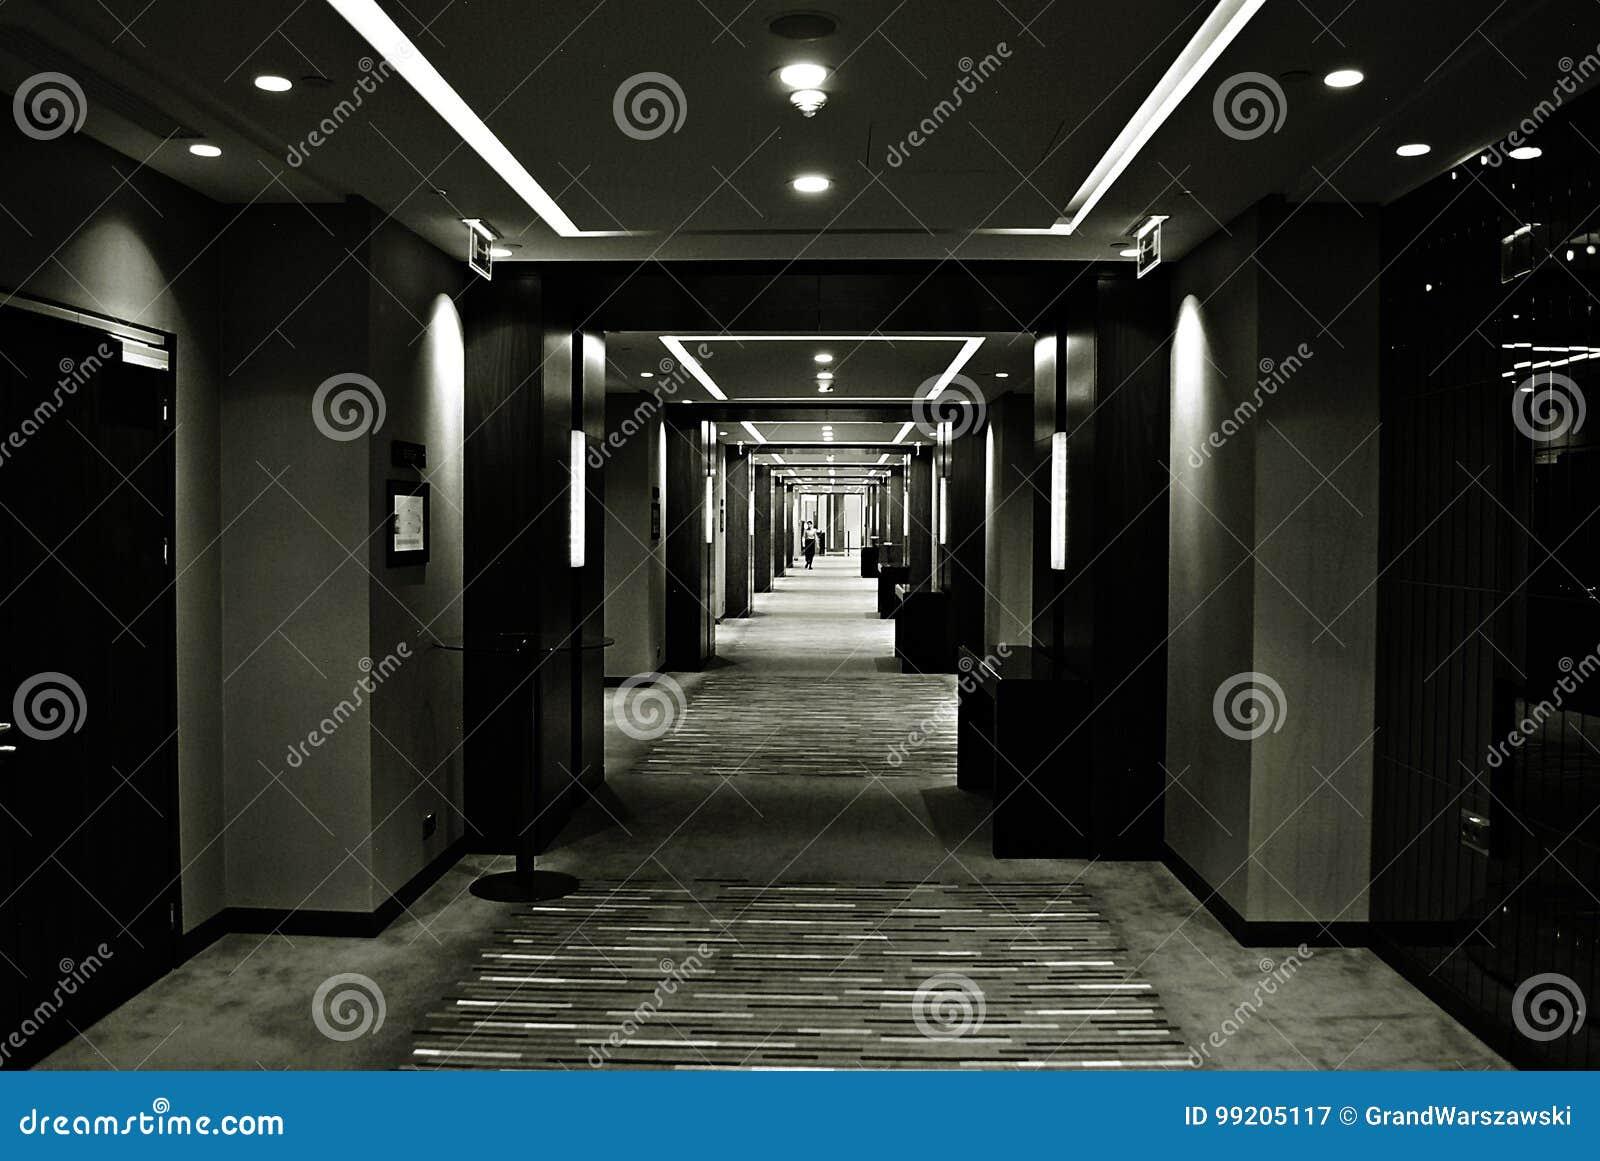 Petite Fille Dans Les Couloirs Sombres Et La Lumiere Dans Le